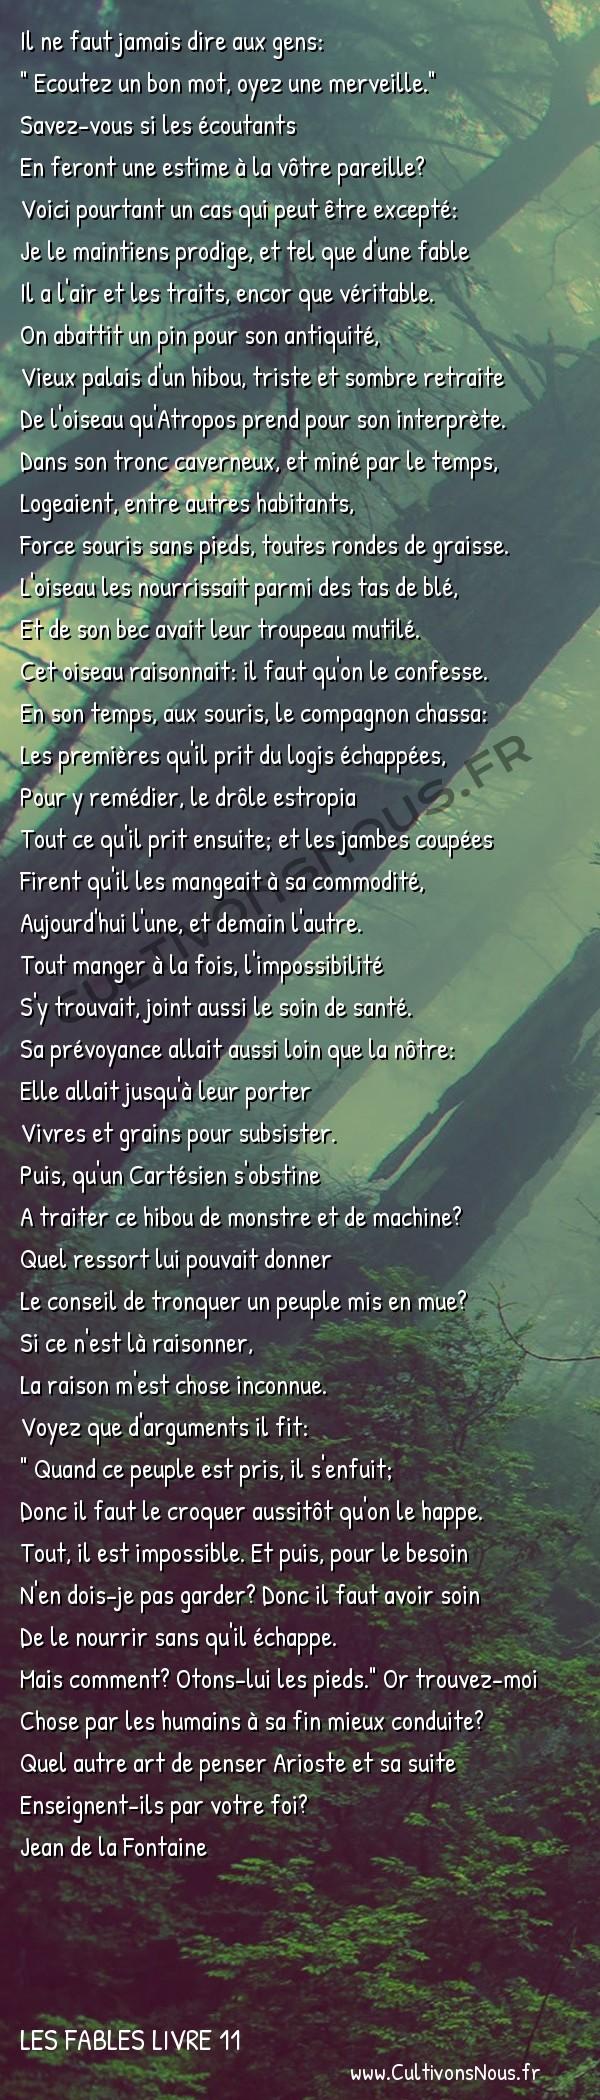 Fables Jean de la Fontaine - Les fables Livre 11 - Les Souris et le Chat-huant -   Il ne faut jamais dire aux gens: